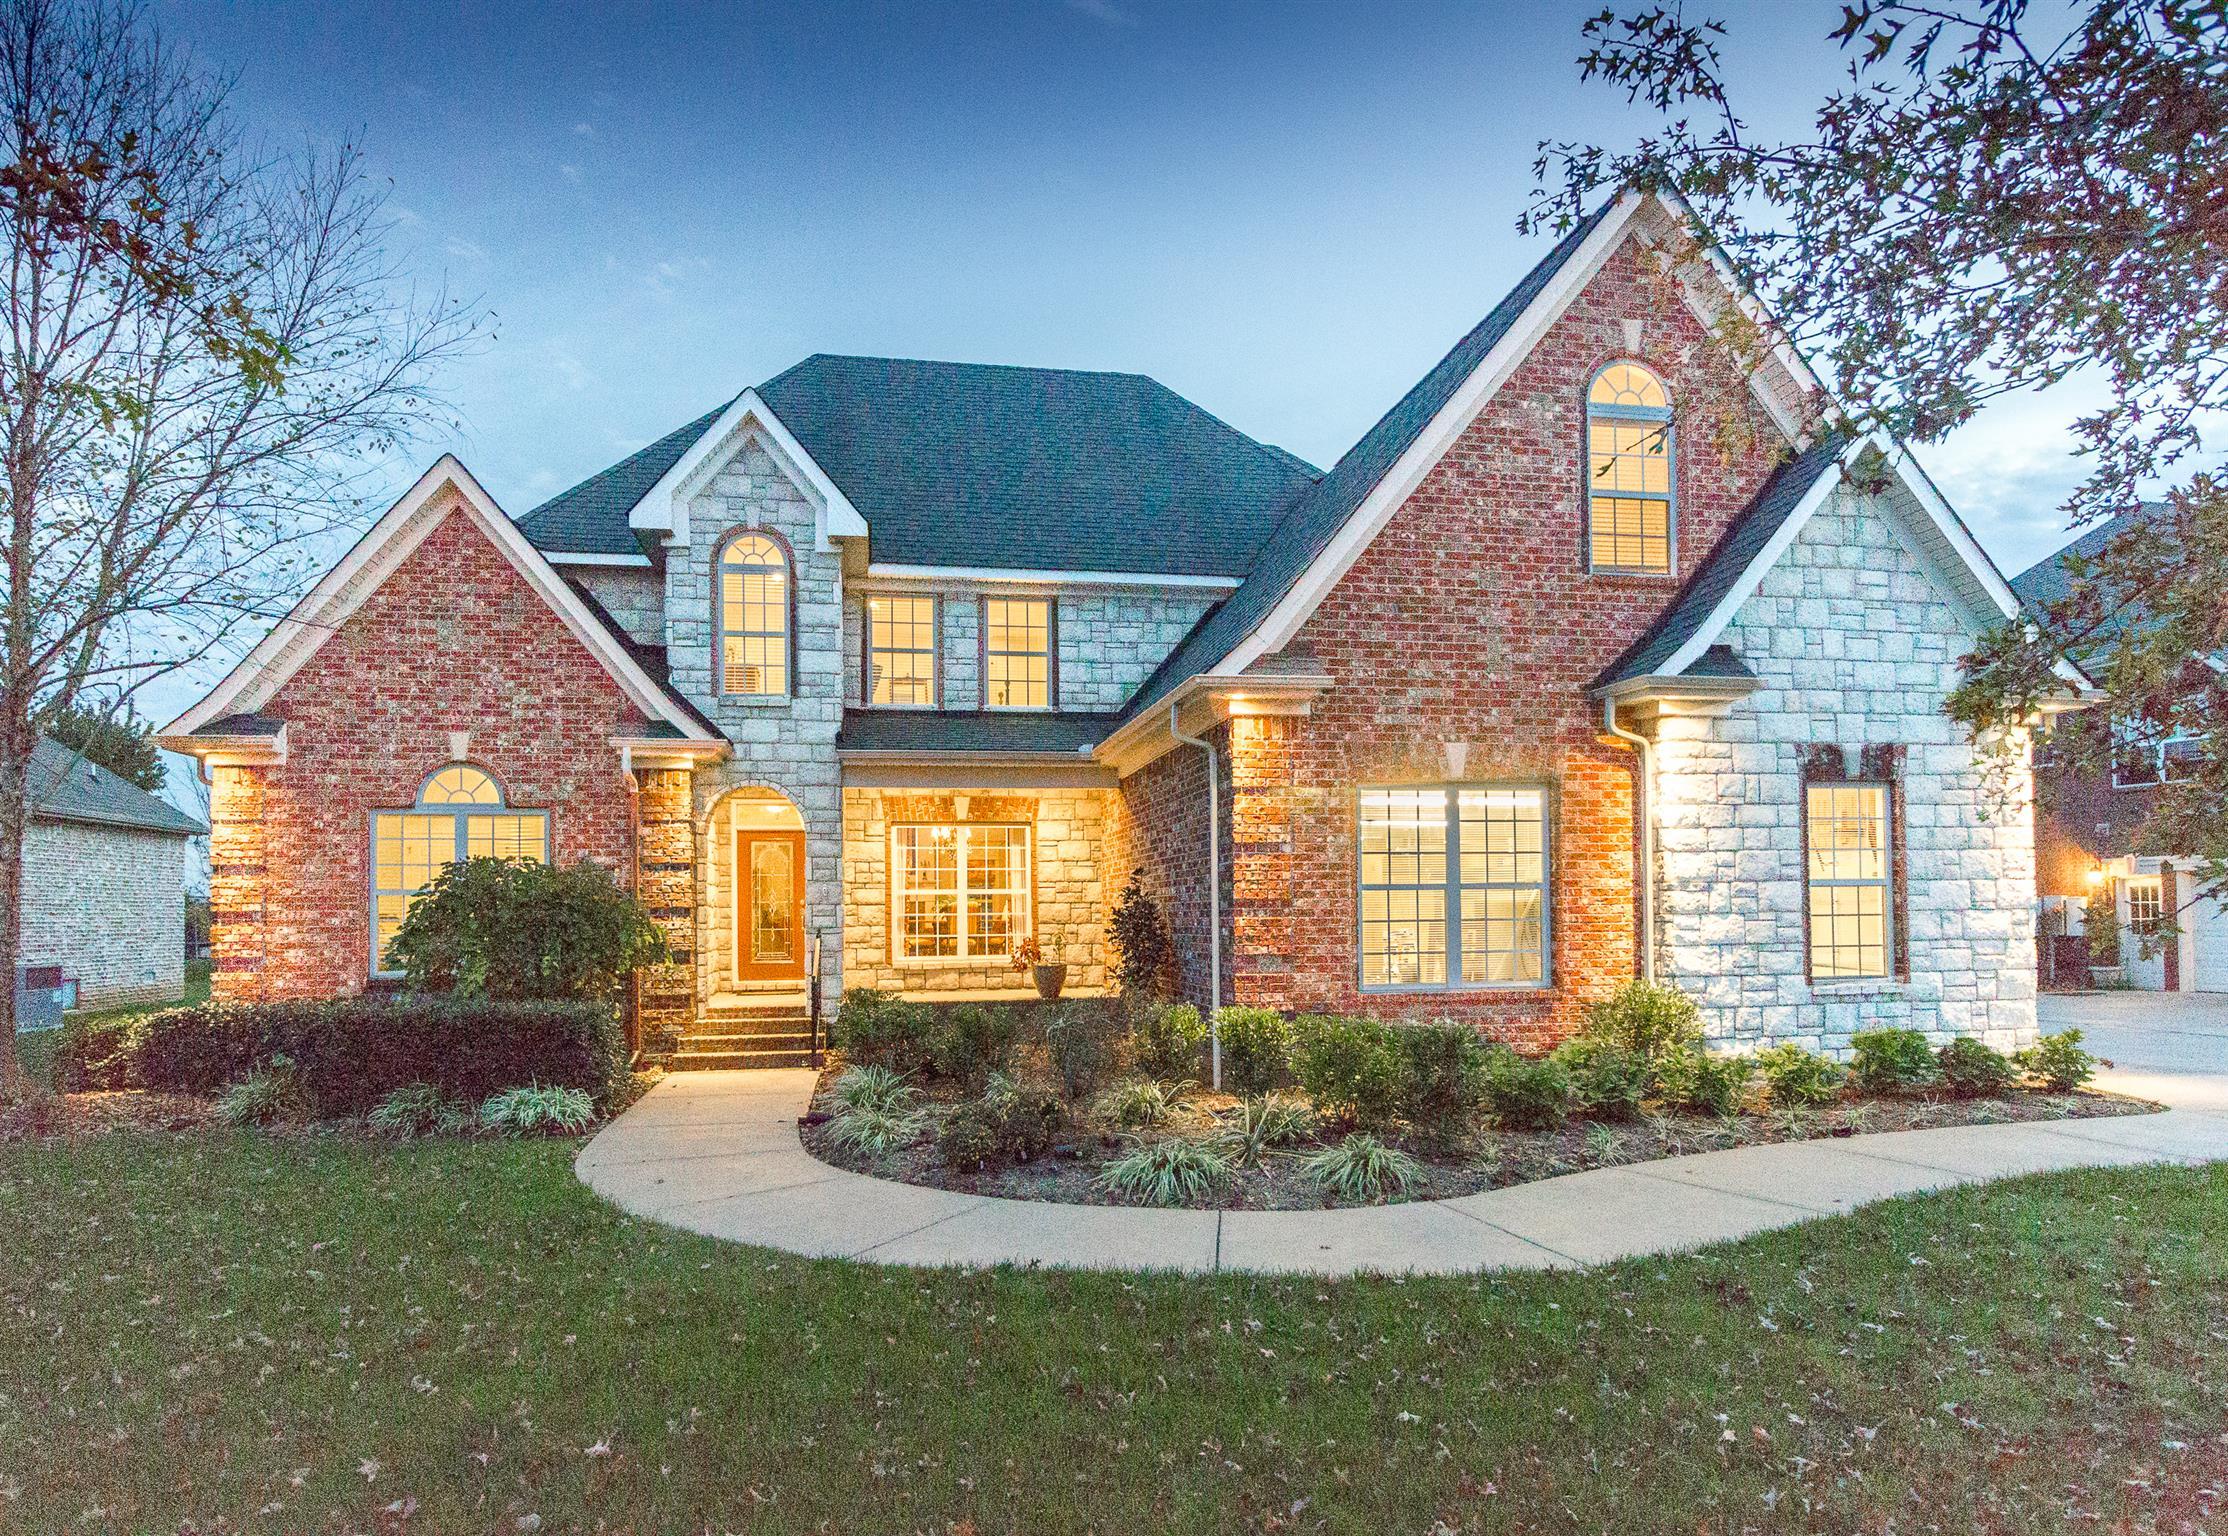 5411 Sherrington Rd, Murfreesboro, Tennessee